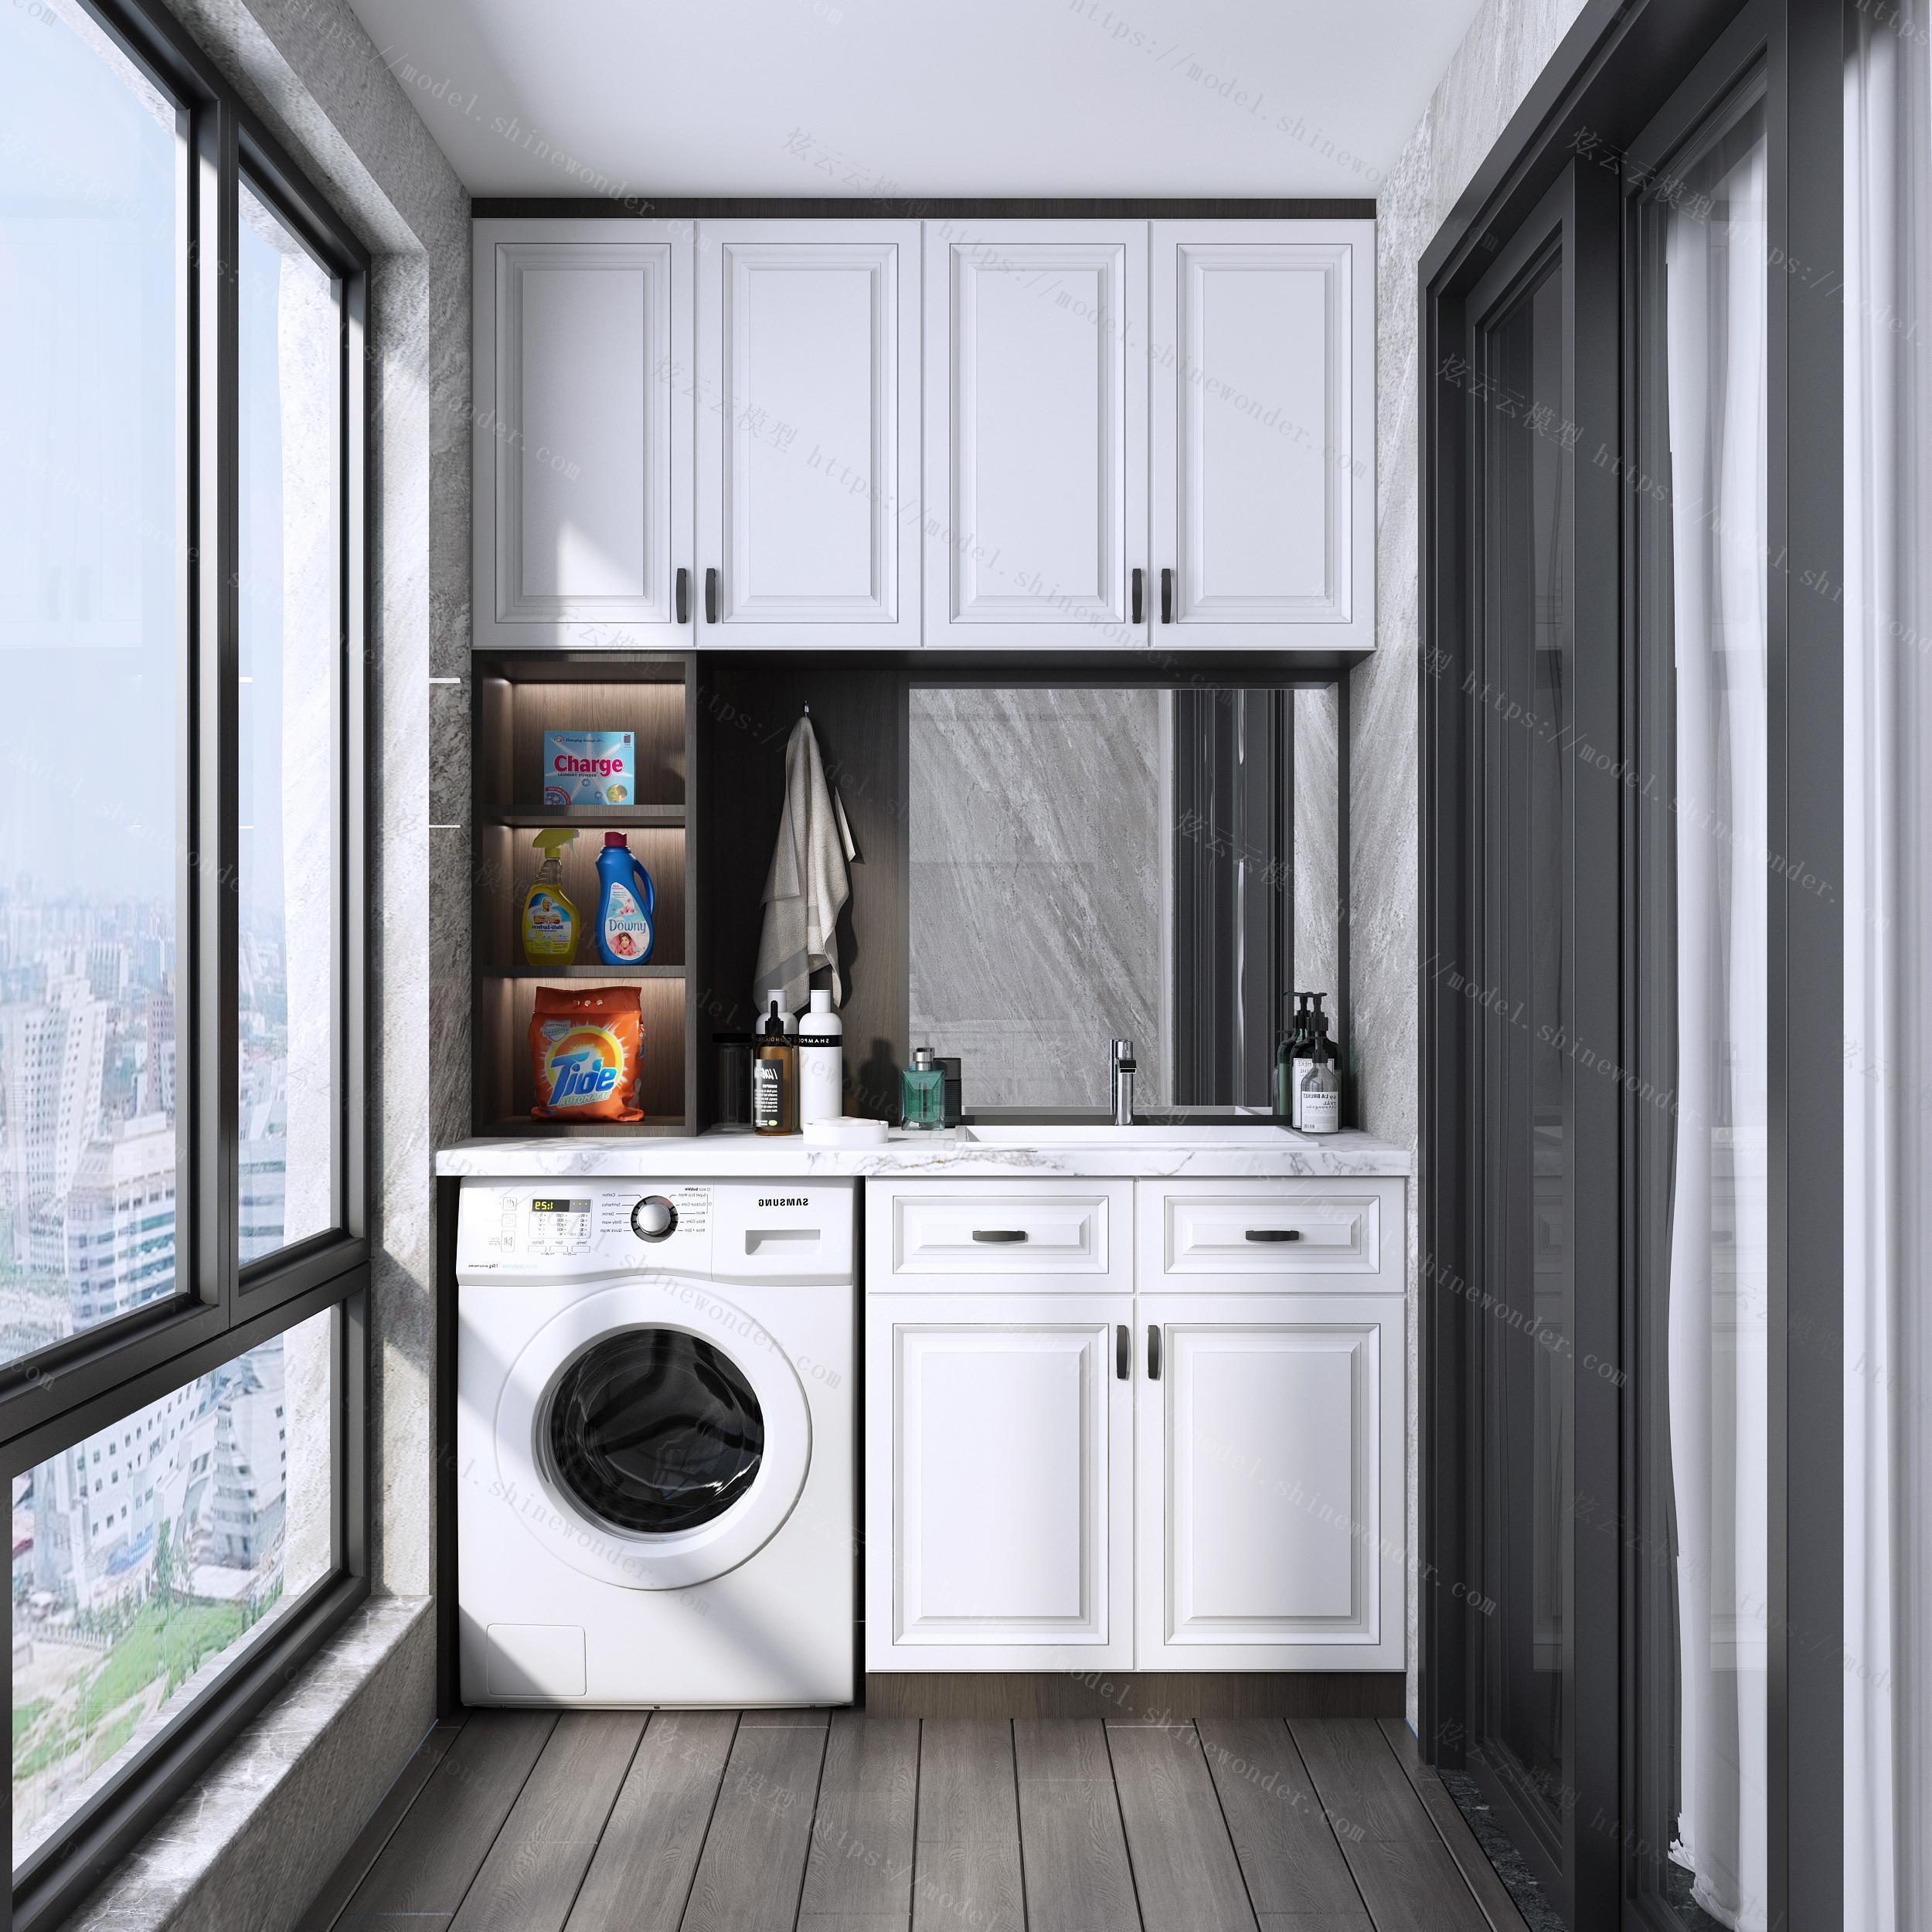 现代阳台洗衣房3d模型模型